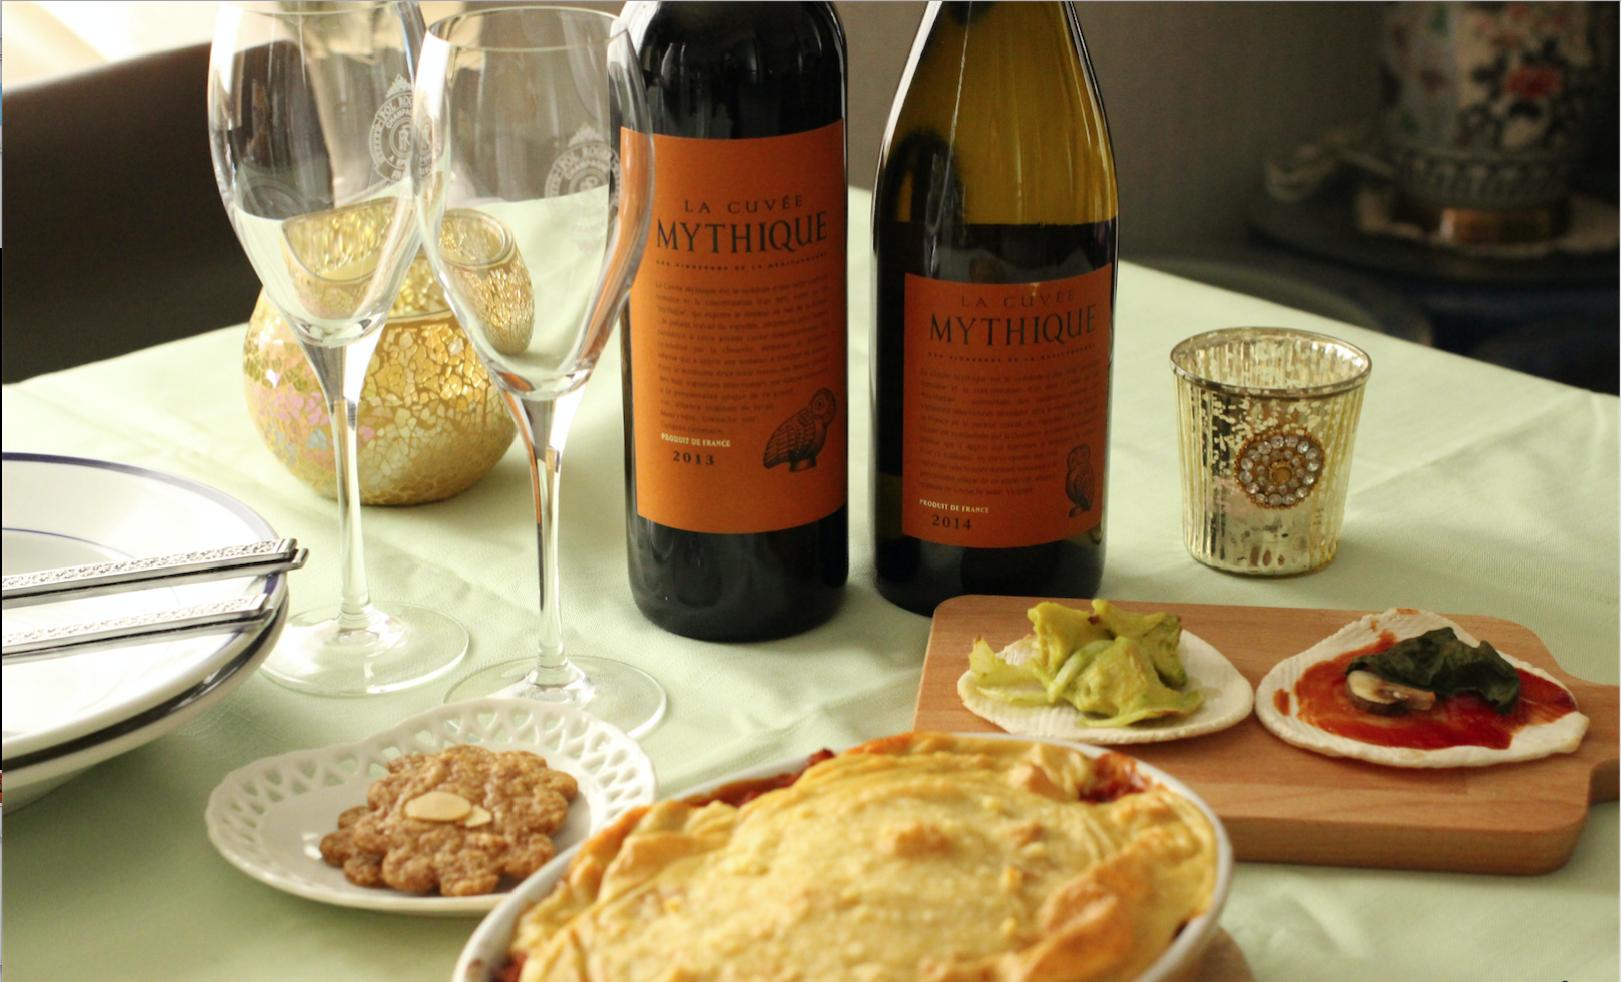 【無料サンプリング】カラーリングが綺麗!サッポロビールのワイン「ラ・キュベ・ミティーク」のある素敵な写真を撮ってくれるユーザーさん募集!